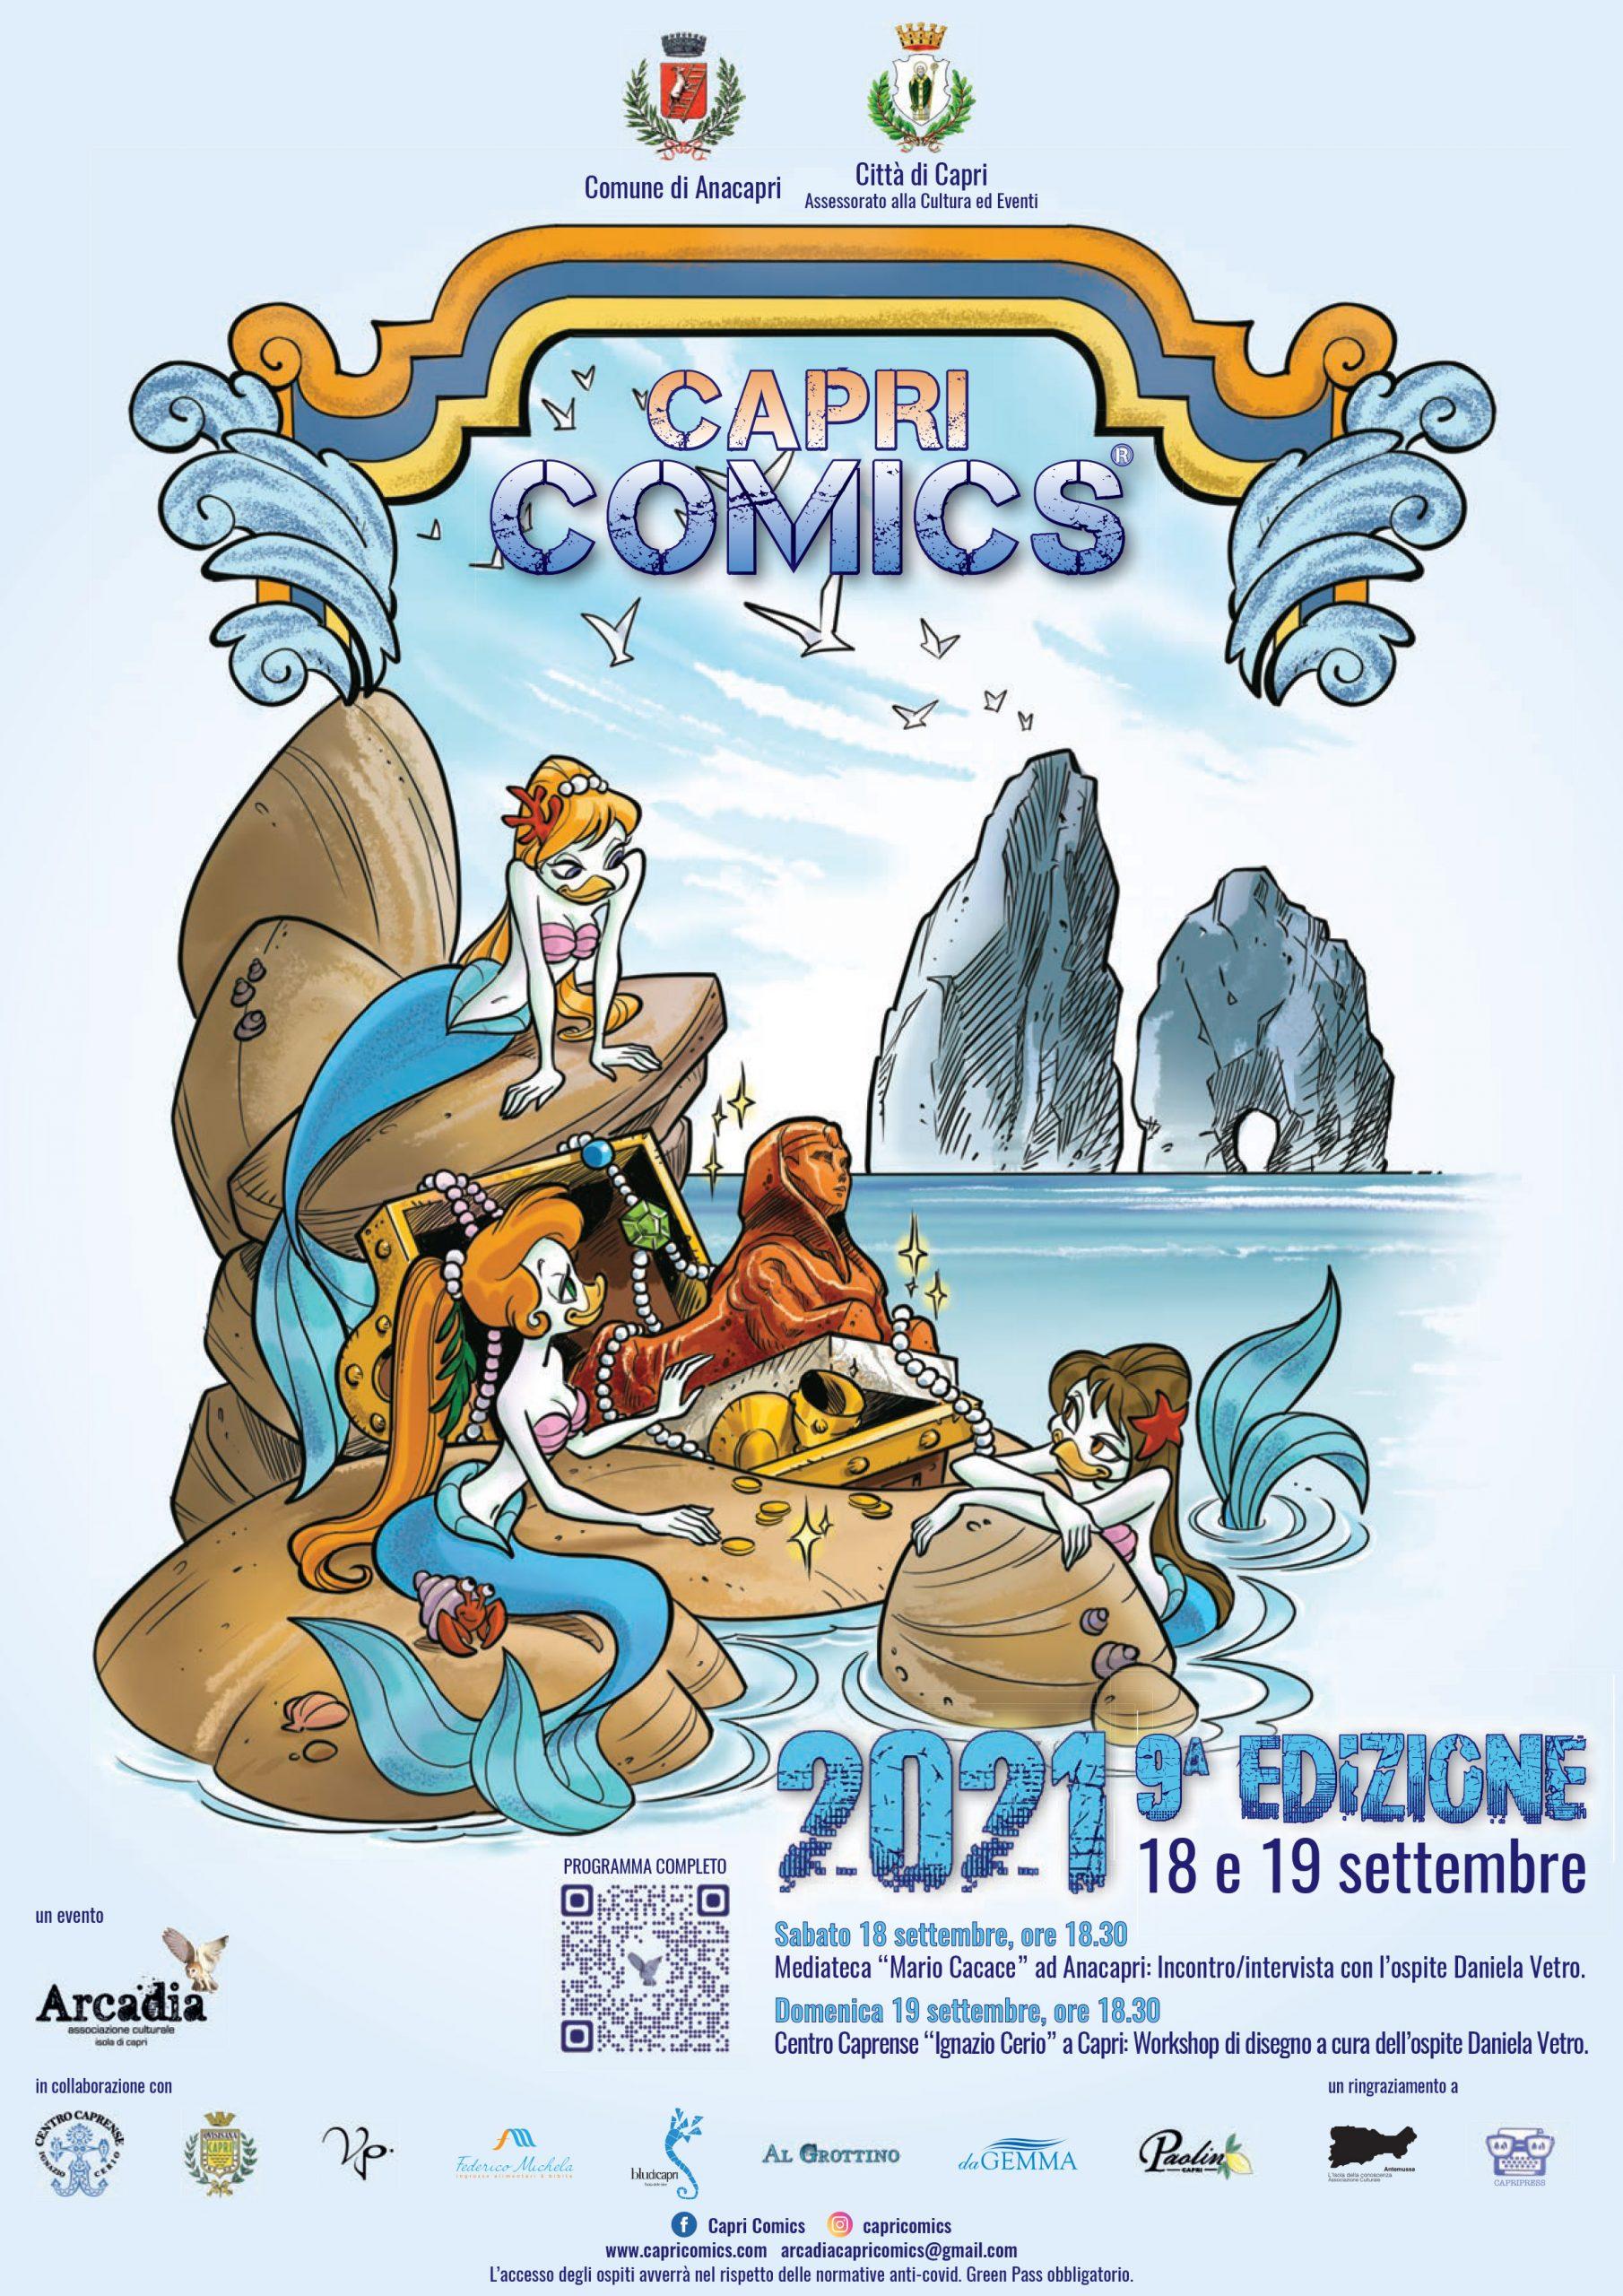 Capri Comics. Tutto pronto per la nona edizione dell'evento fumettistico dell'Isola di Capri ( in presenza) con l'ospite Daniela Vetro